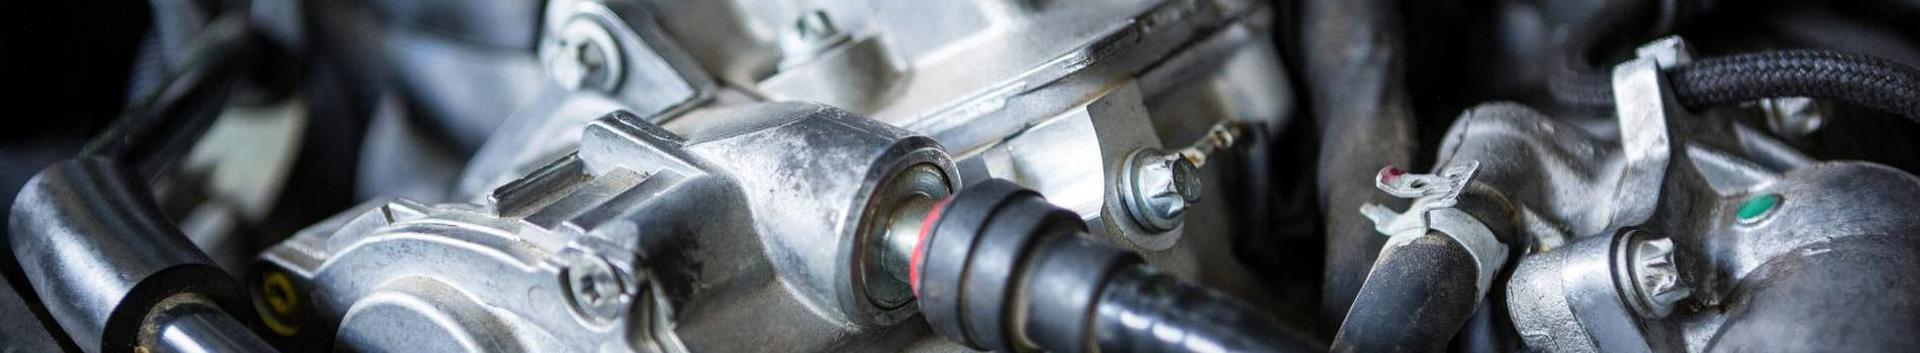 29311_mootorsoidukite-seadmete-tootmine_95267049_xl.jpg